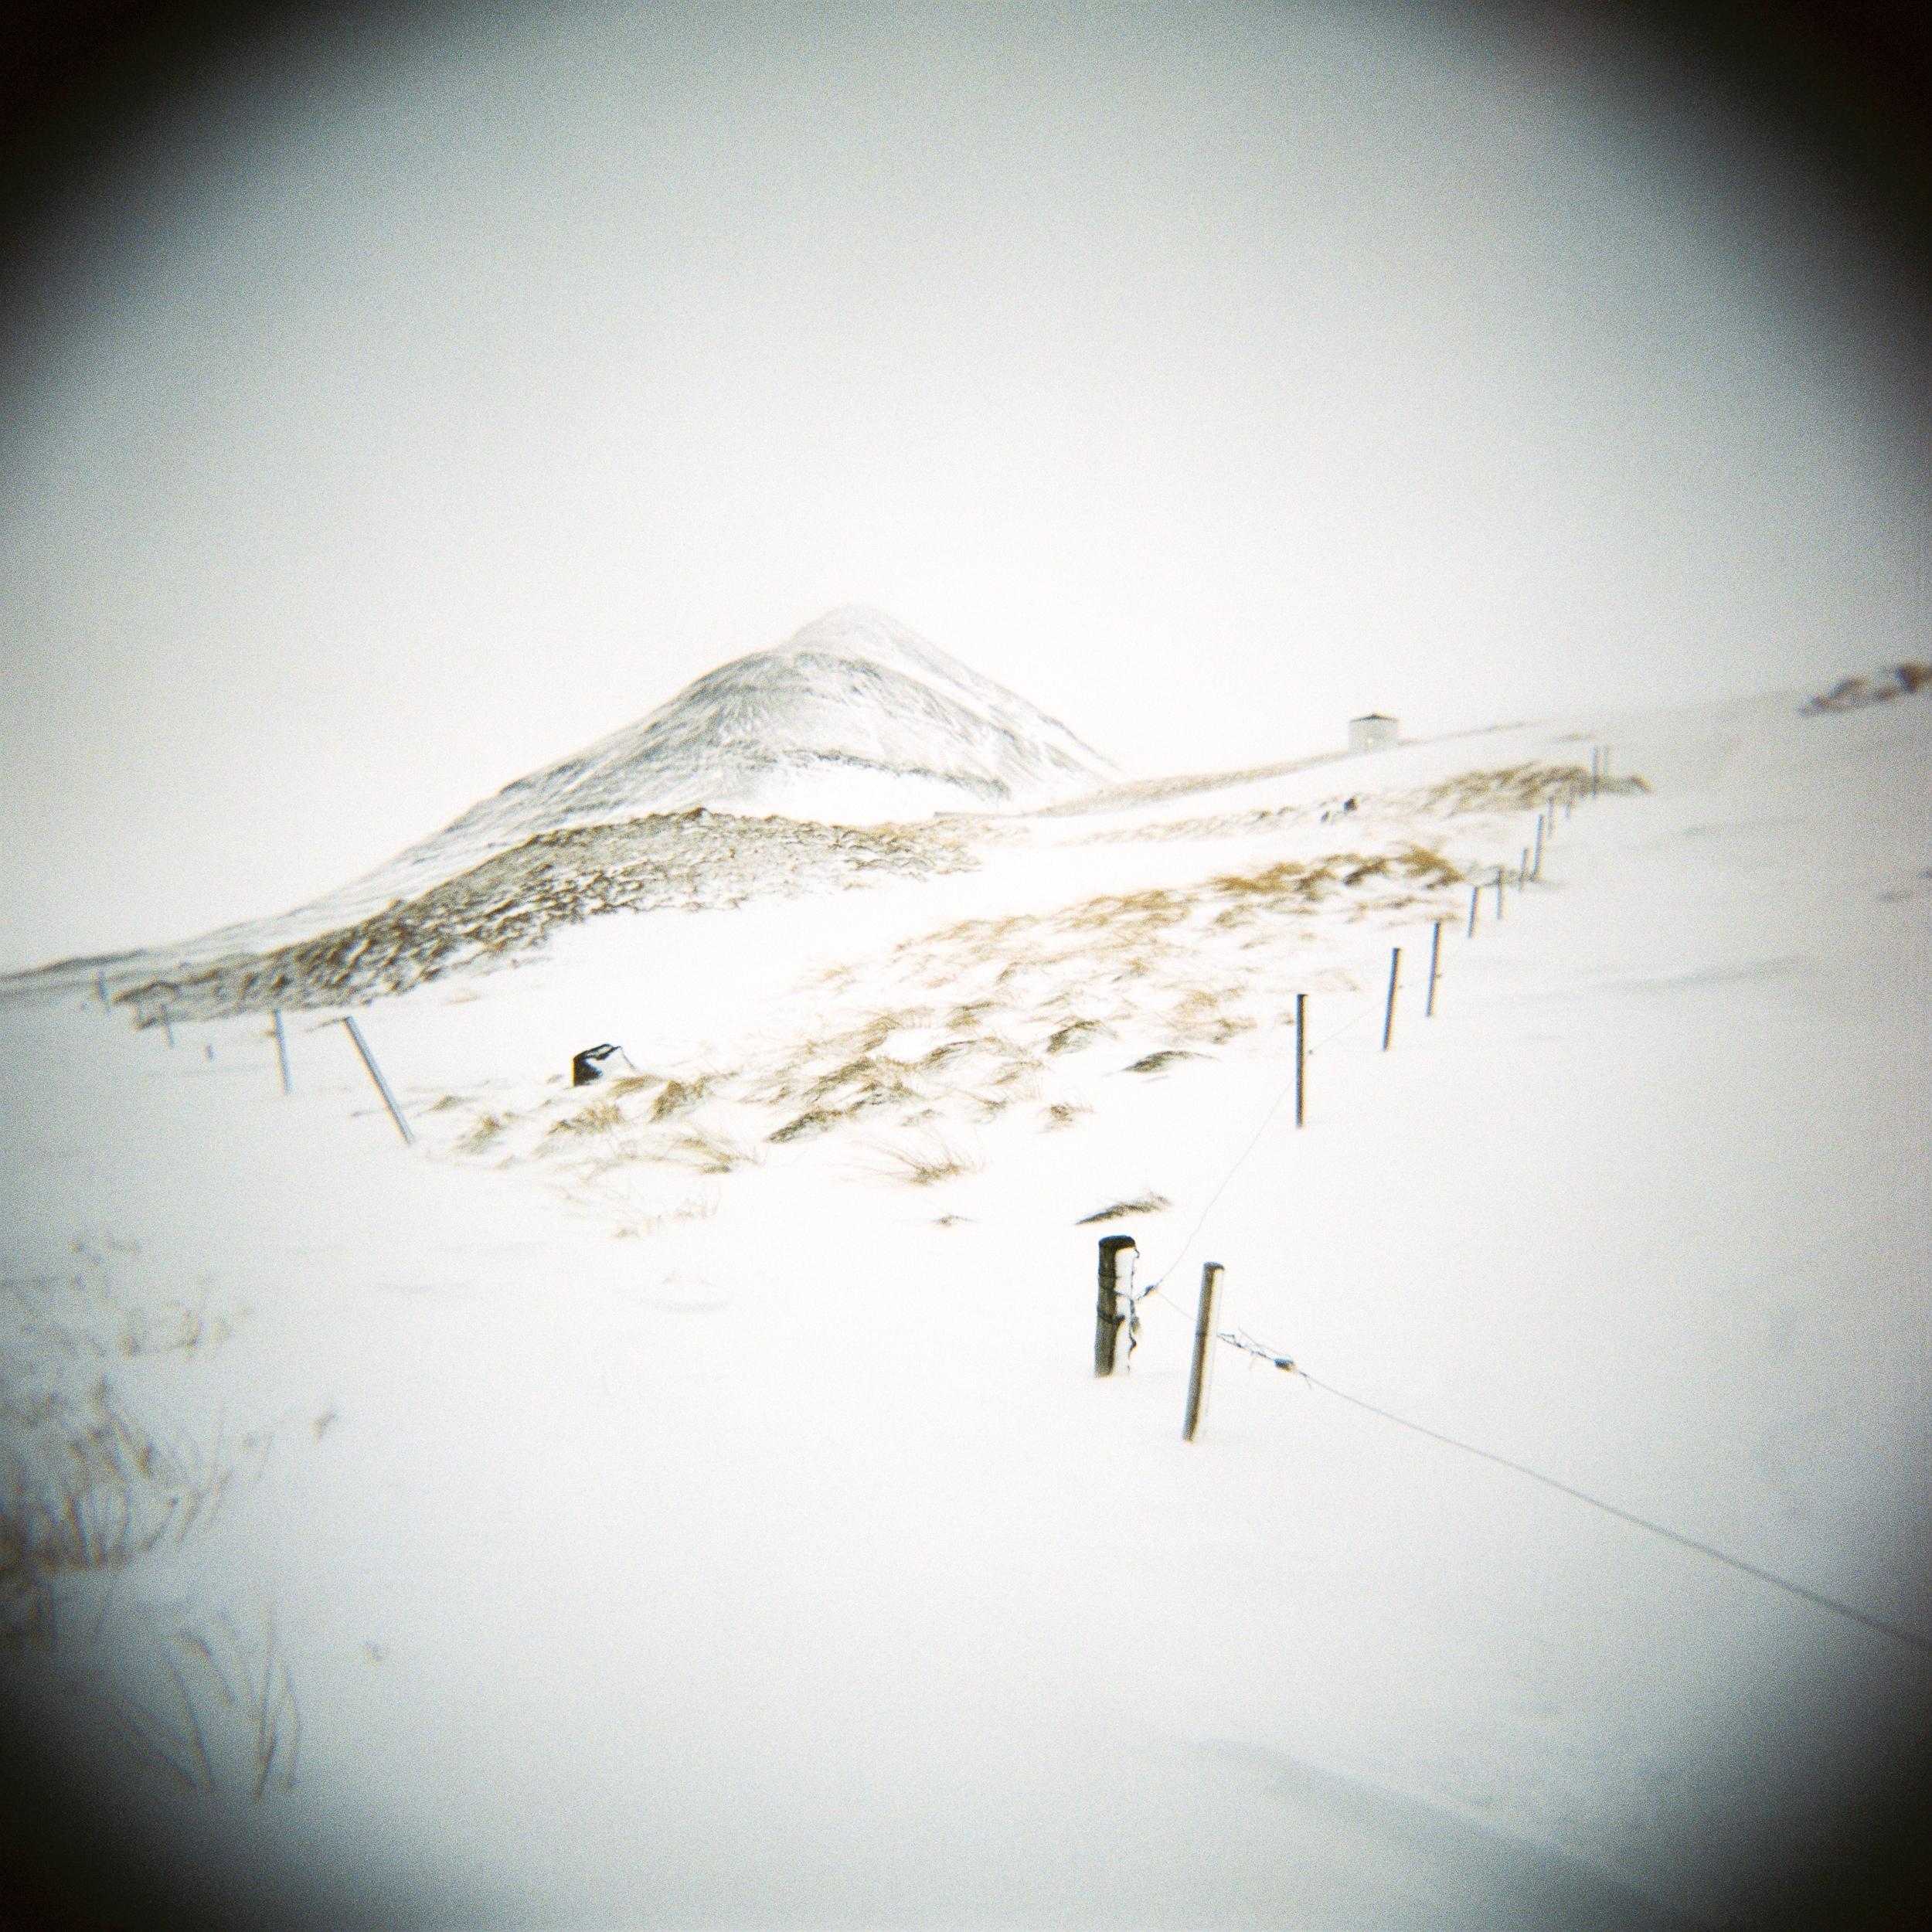 Holga Snow-8.jpg